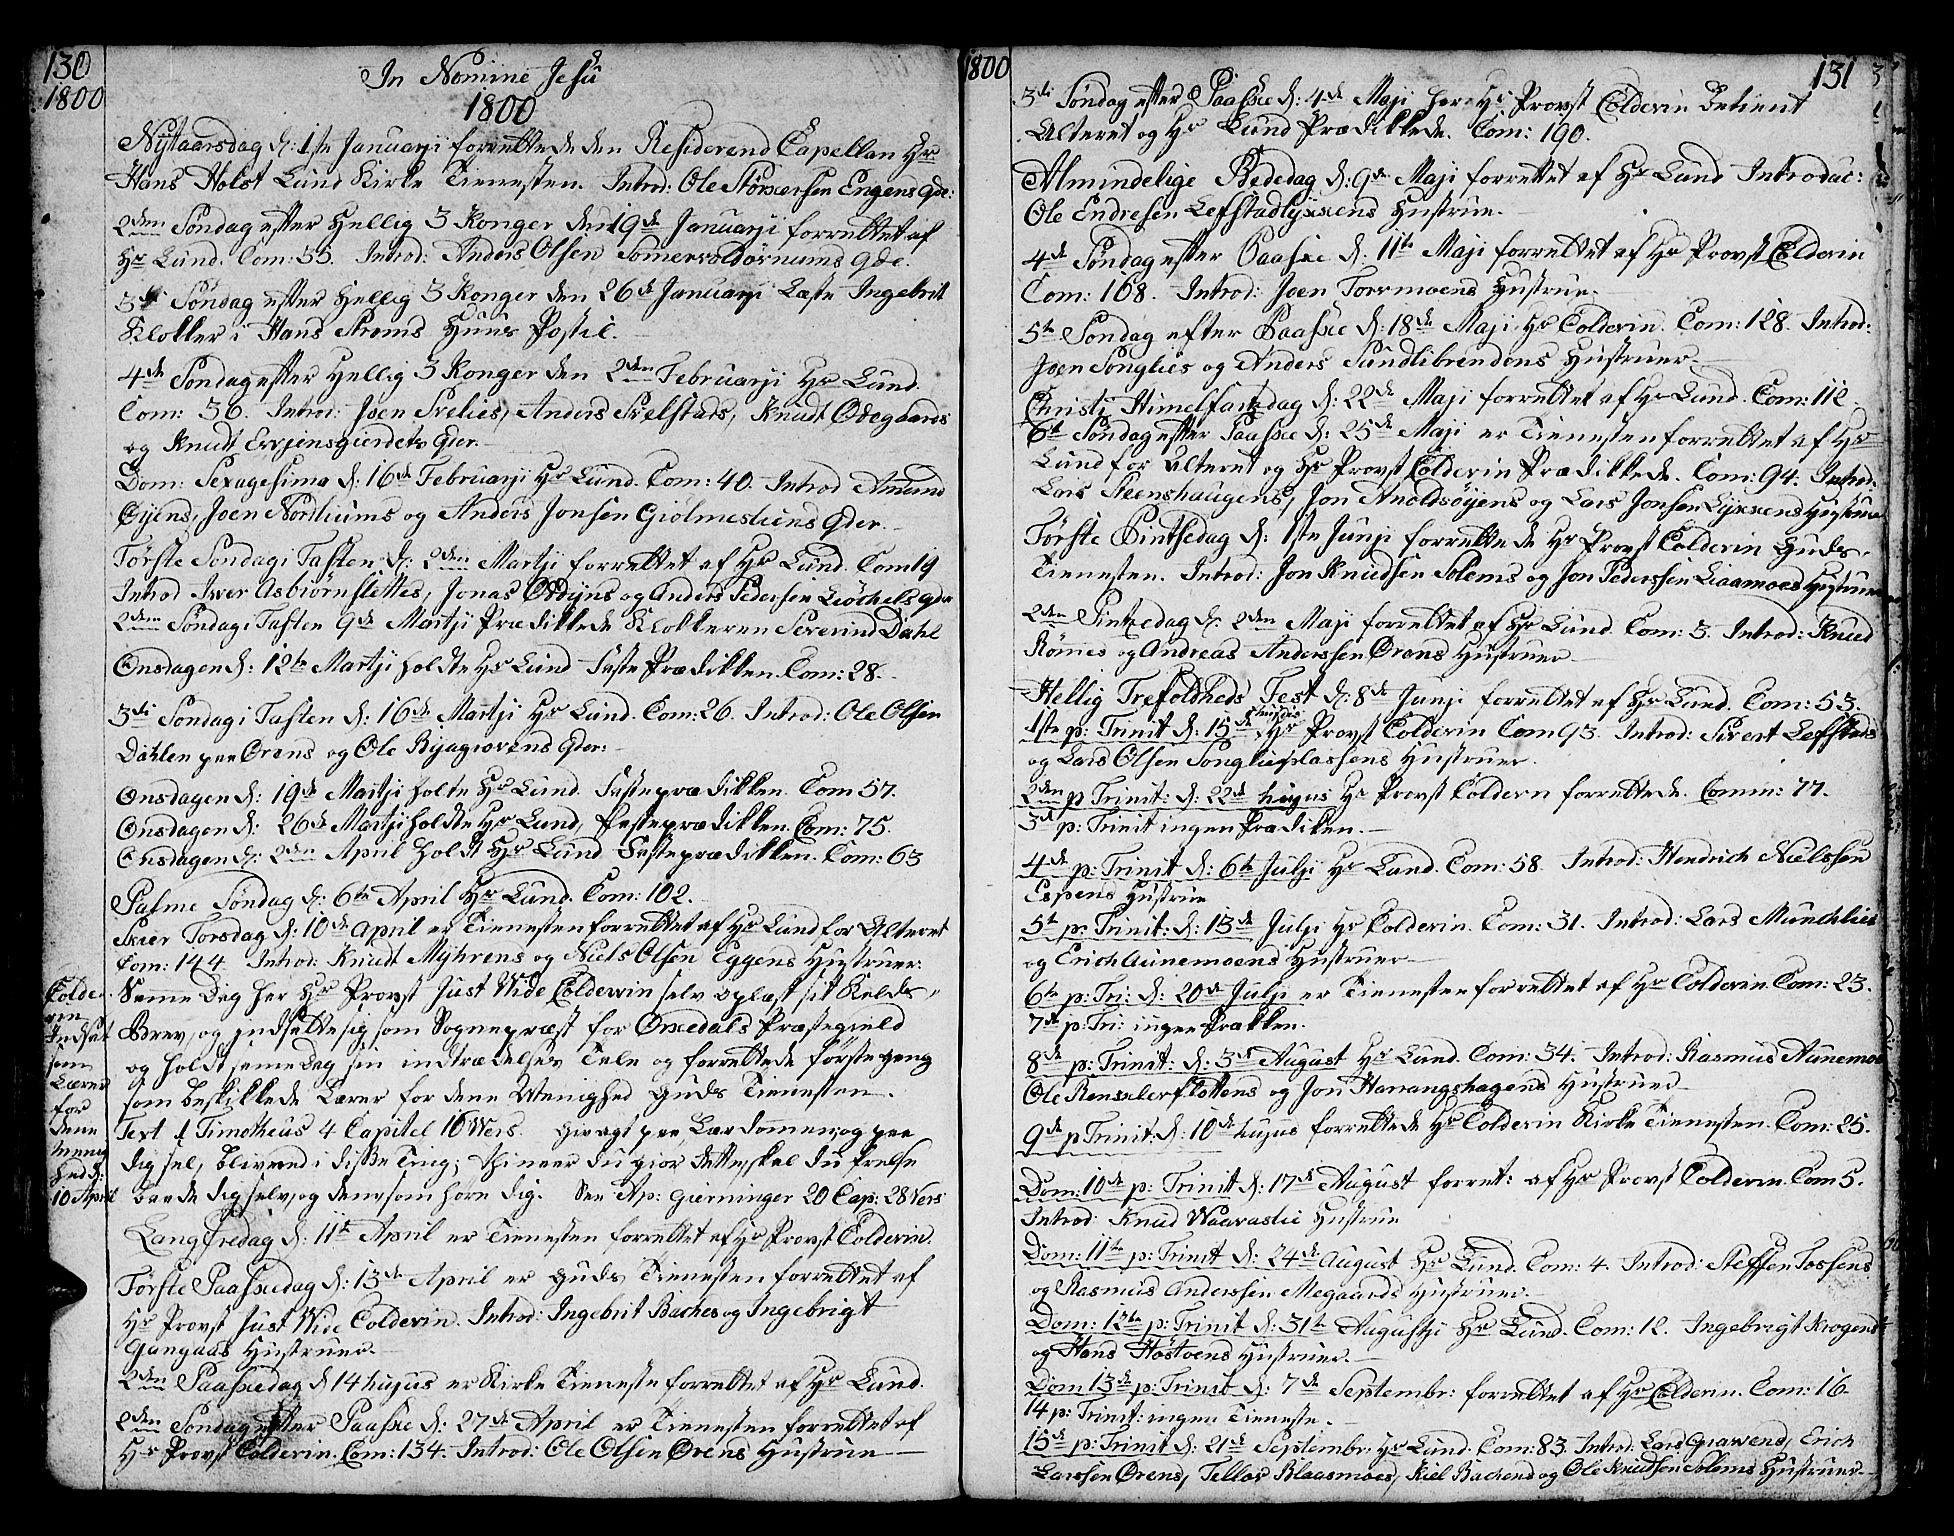 SAT, Ministerialprotokoller, klokkerbøker og fødselsregistre - Sør-Trøndelag, 668/L0815: Klokkerbok nr. 668C04, 1791-1815, s. 130-131